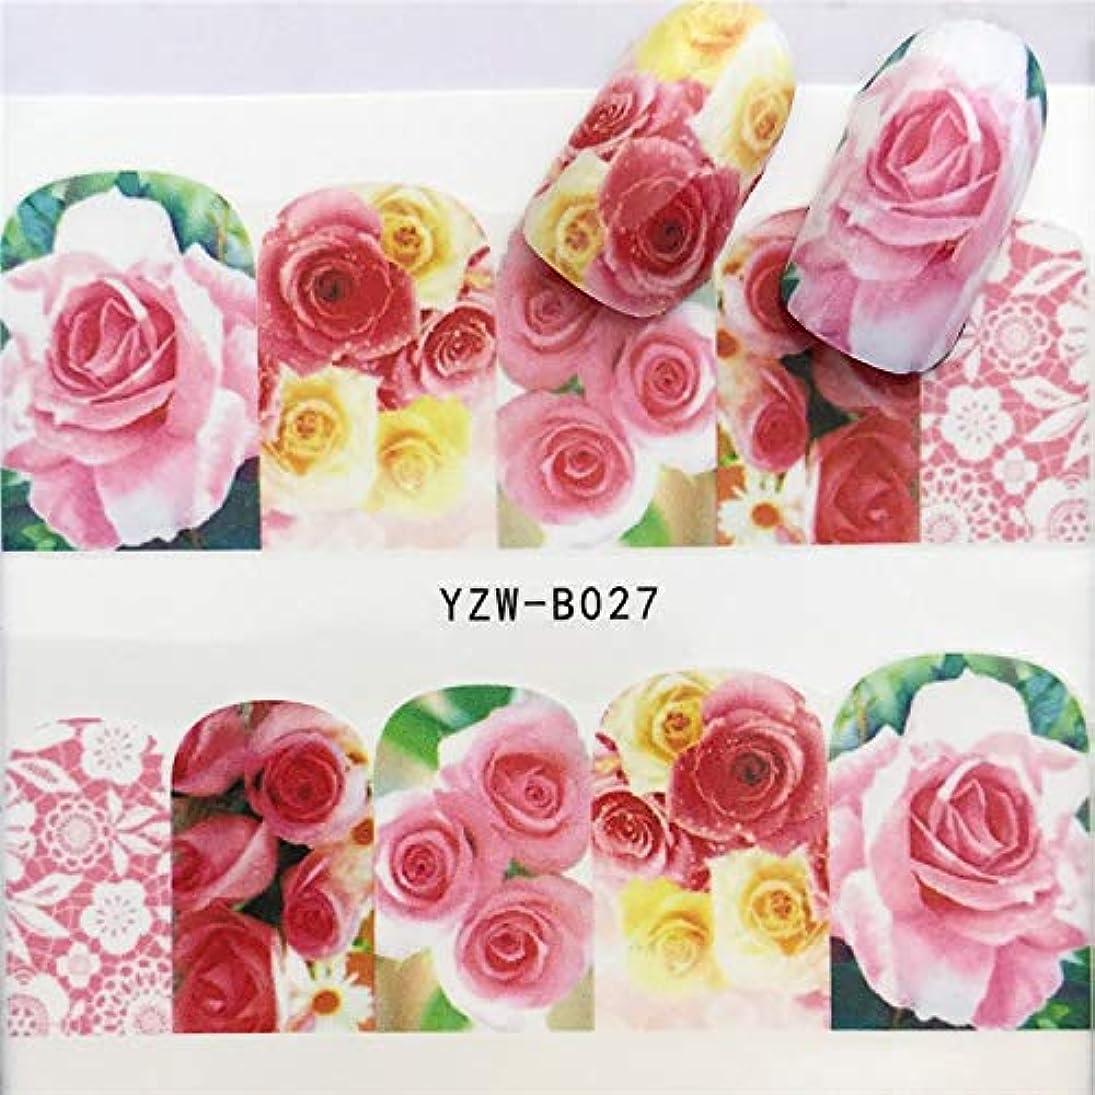 クラック混乱ペイントビューティー&パーソナルケア 3個ネイルステッカーセットデカール水転写スライダーネイルアートデコレーション、色:YZWB027 ステッカー&デカール